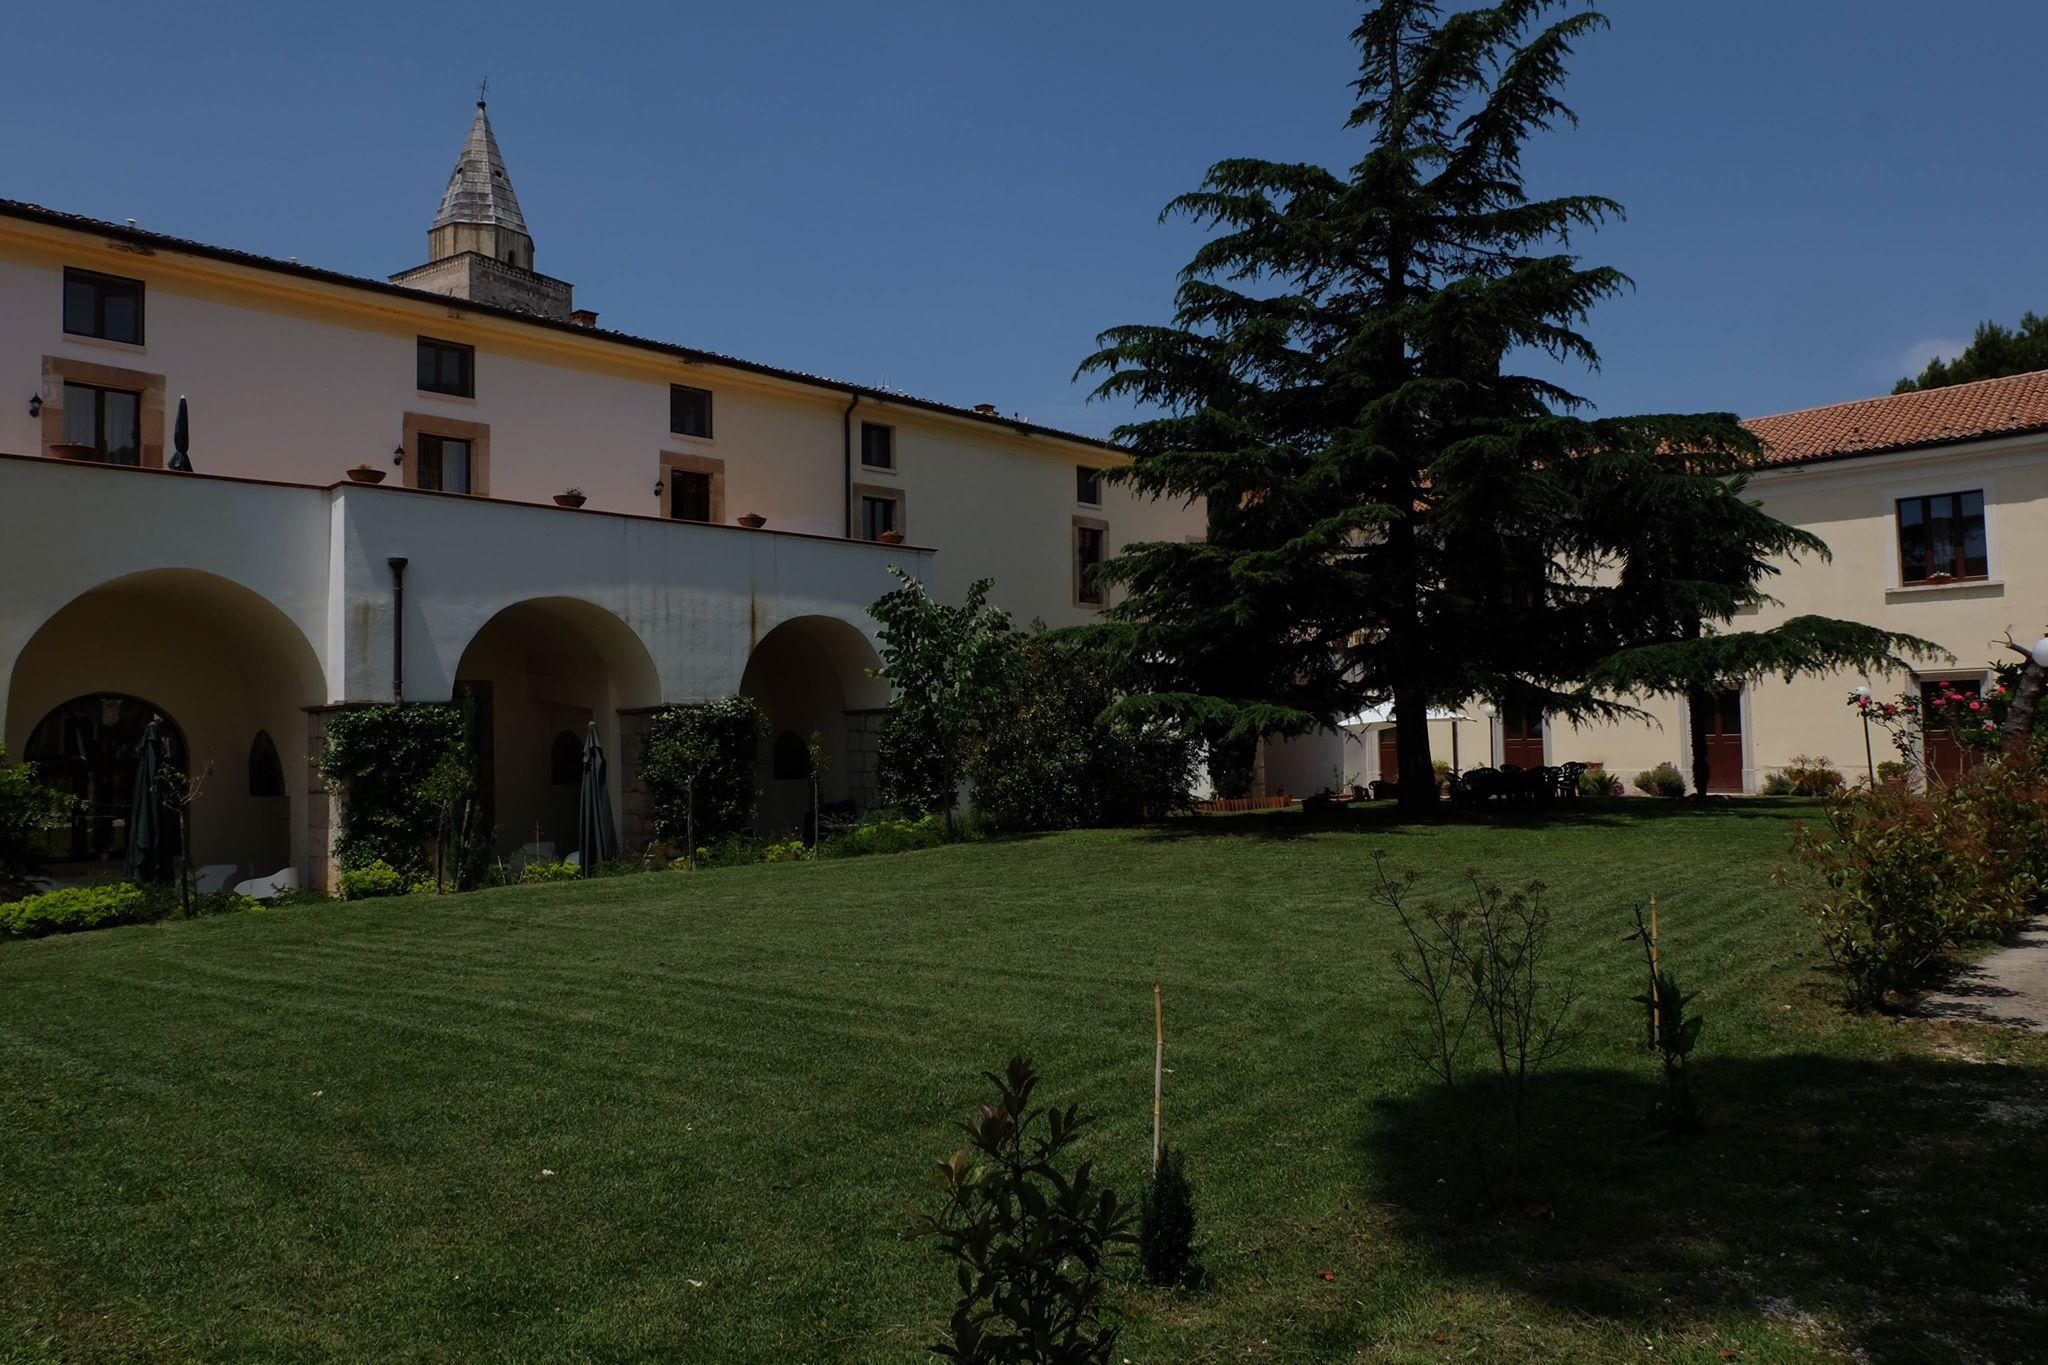 galleria foto struttura hostel il tetto melfi ostello dormire soggiorno vacanze basilicata15